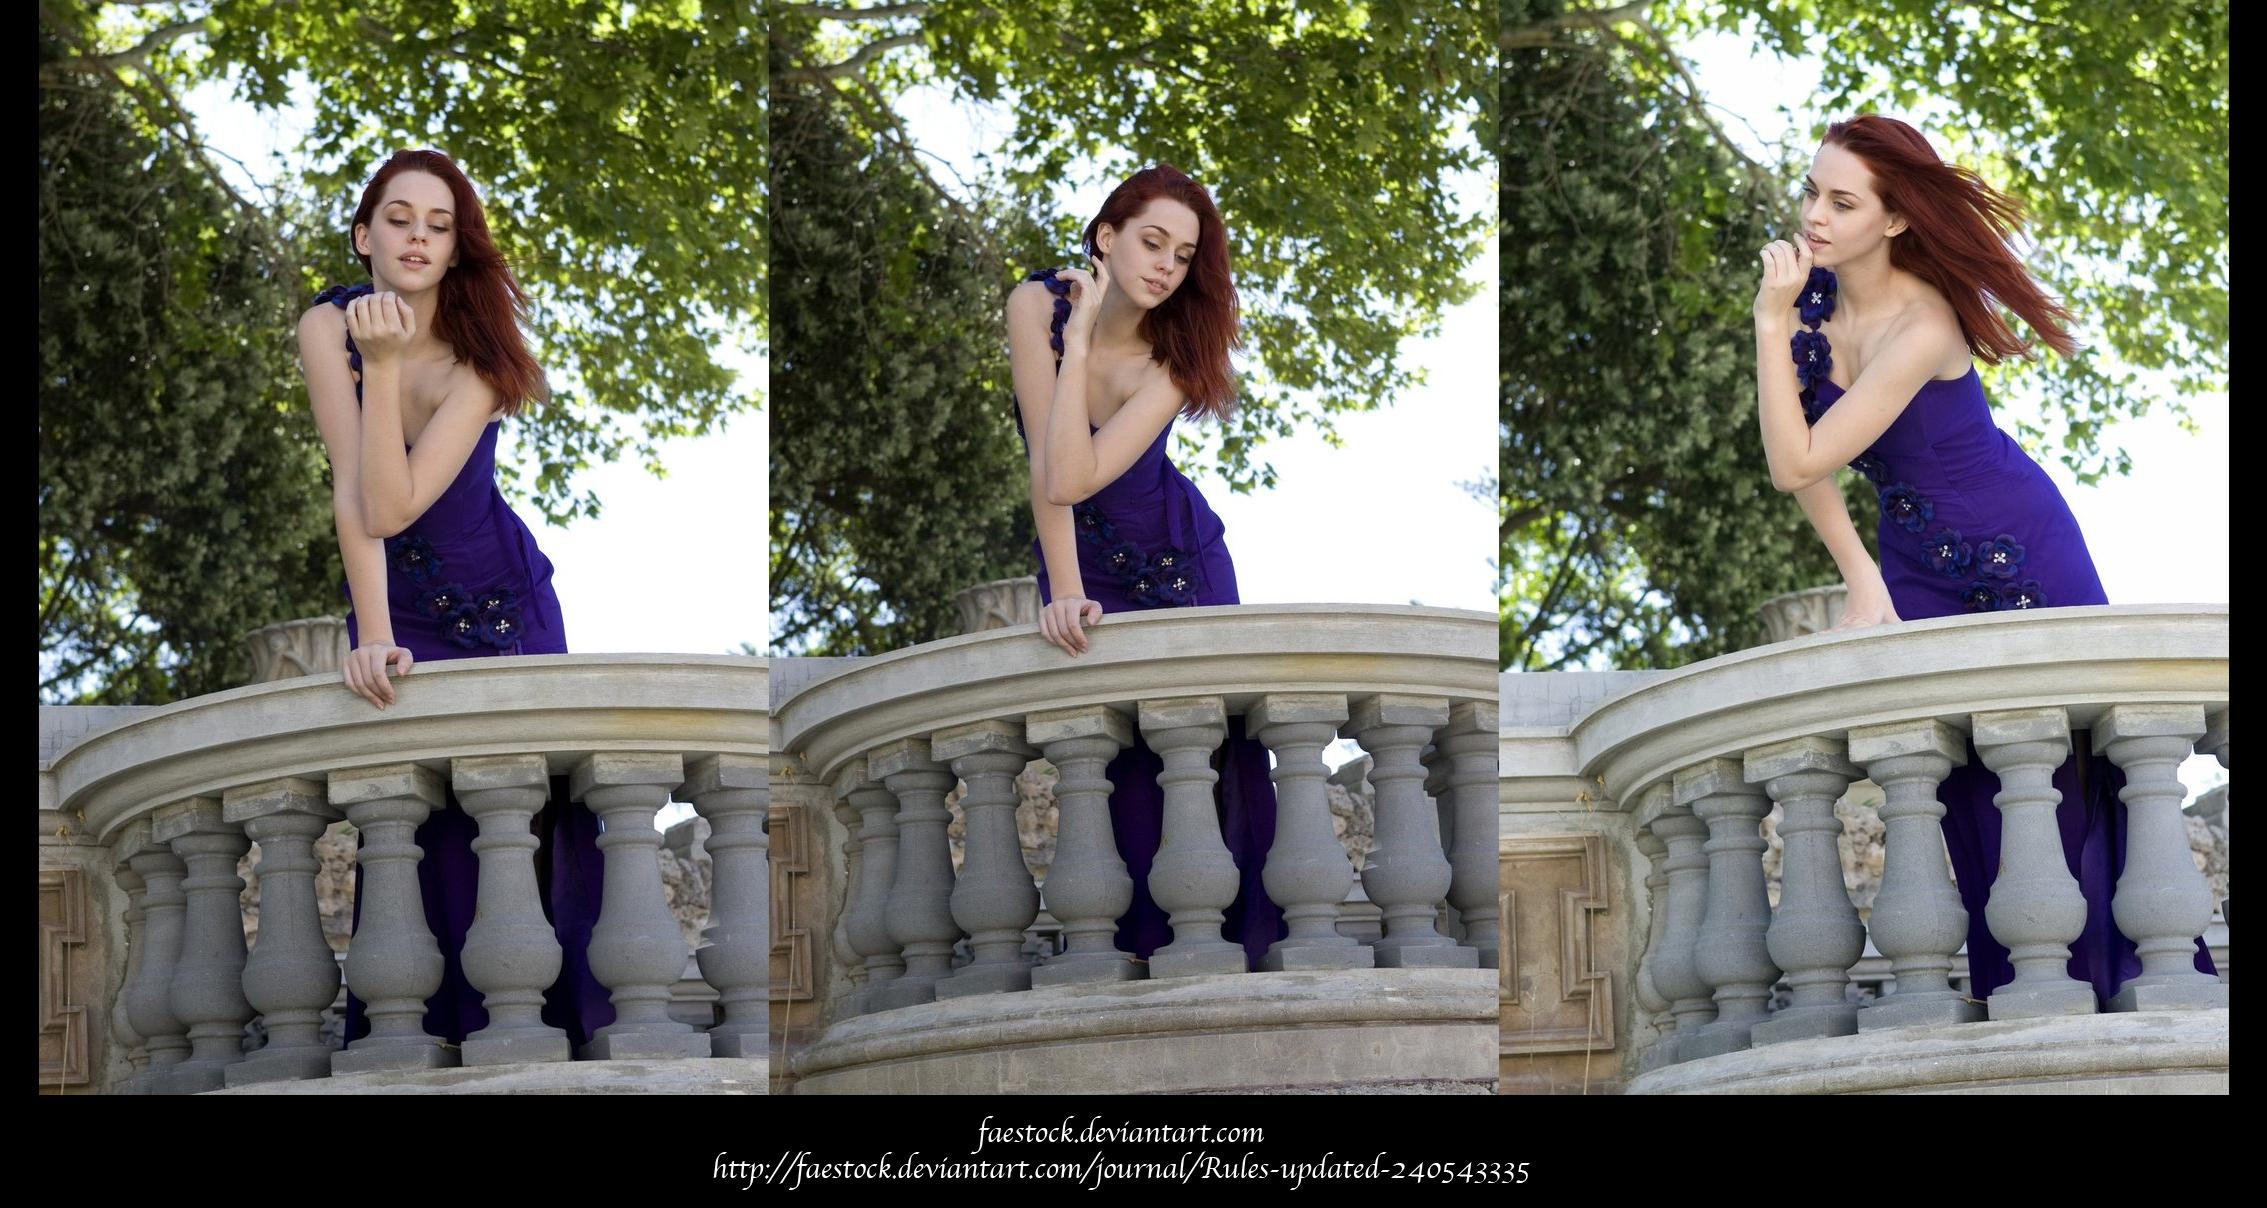 Violet12